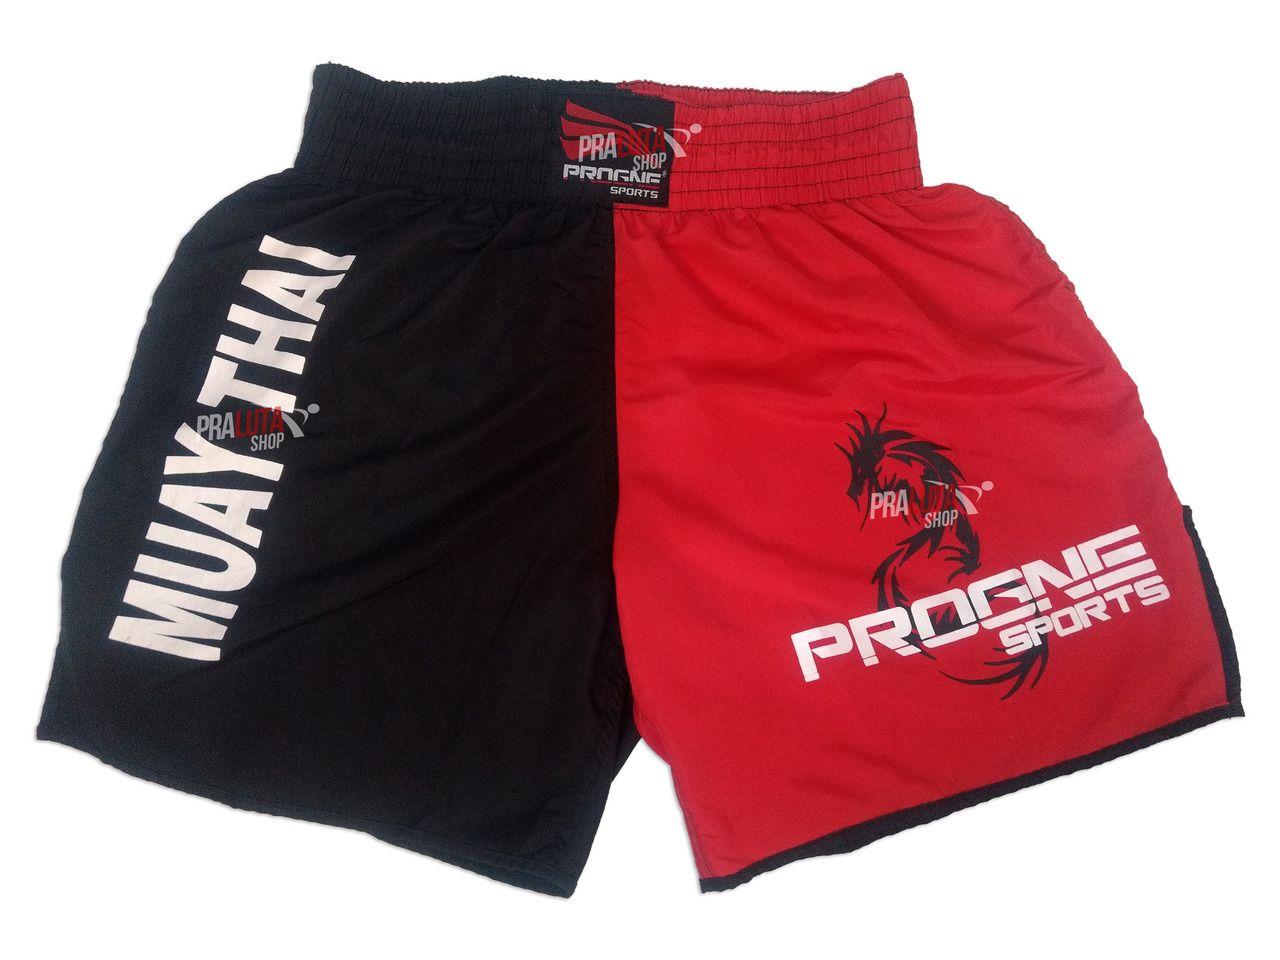 Shorts Bermuda Calção Treino Academia Top Muay Thai Preto com Vermelho Masculino - Progne  - PRALUTA SHOP